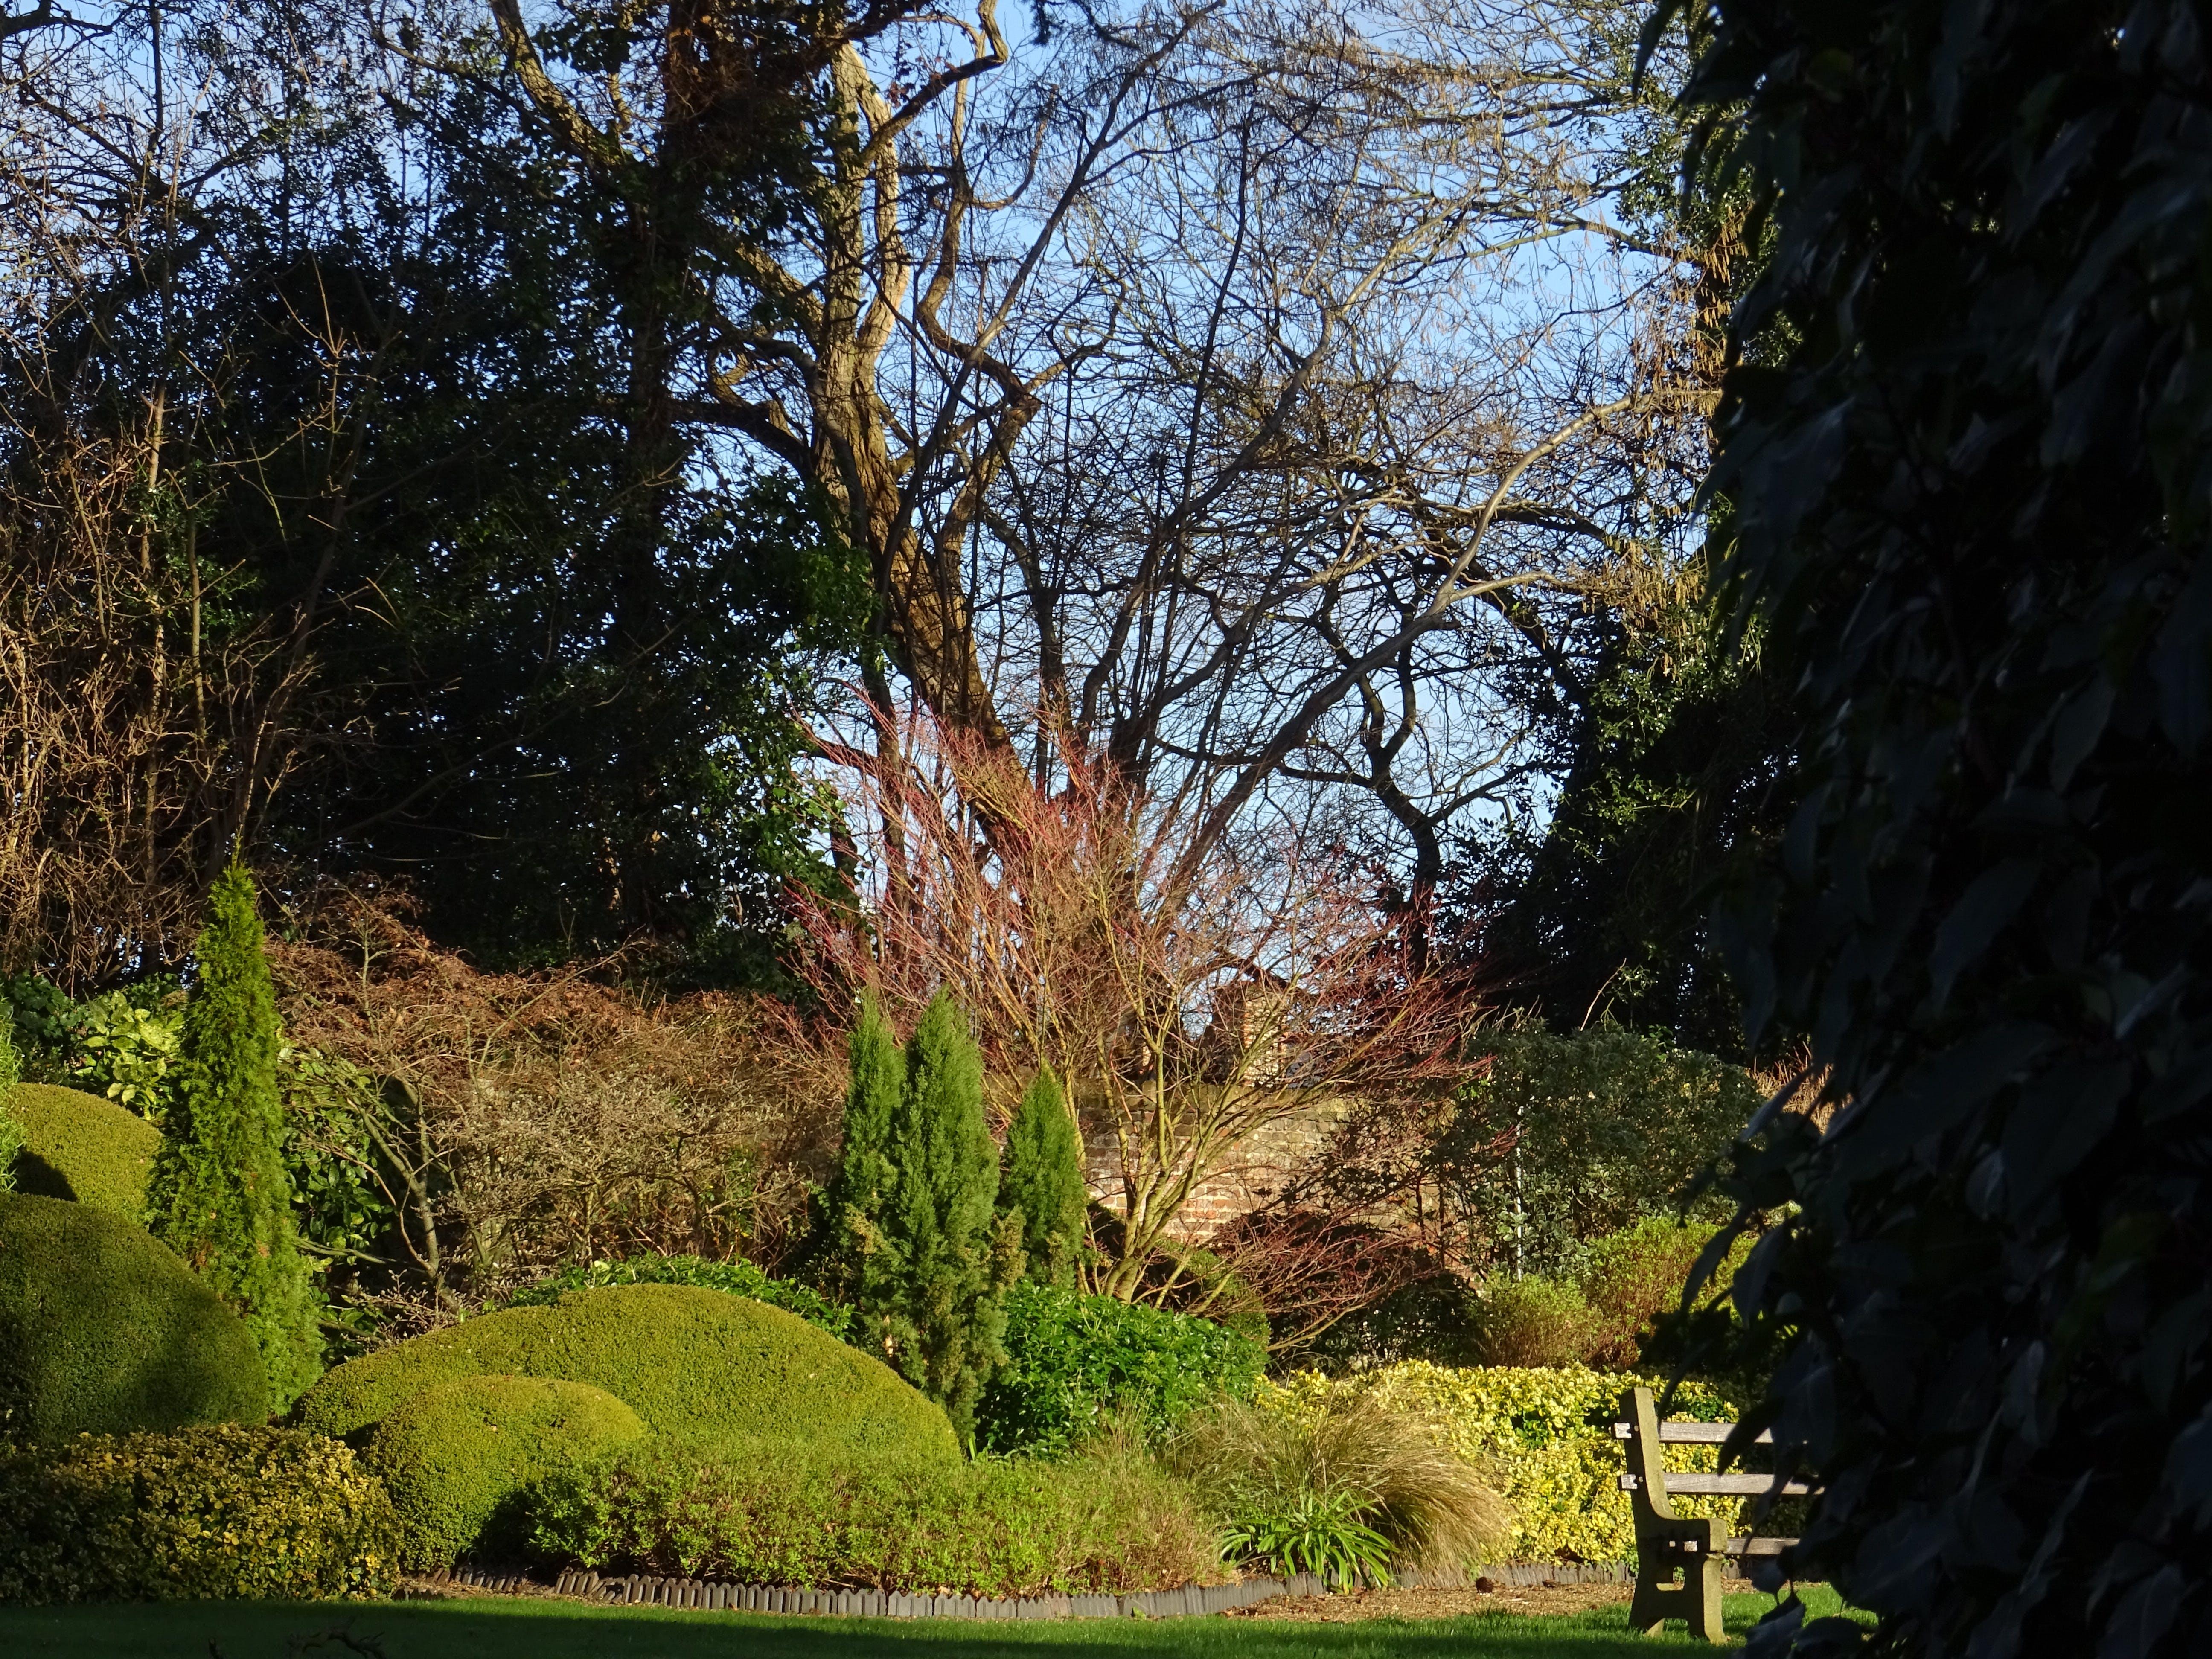 Kostnadsfri bild av bänk, dagsljus, gräs, landskap